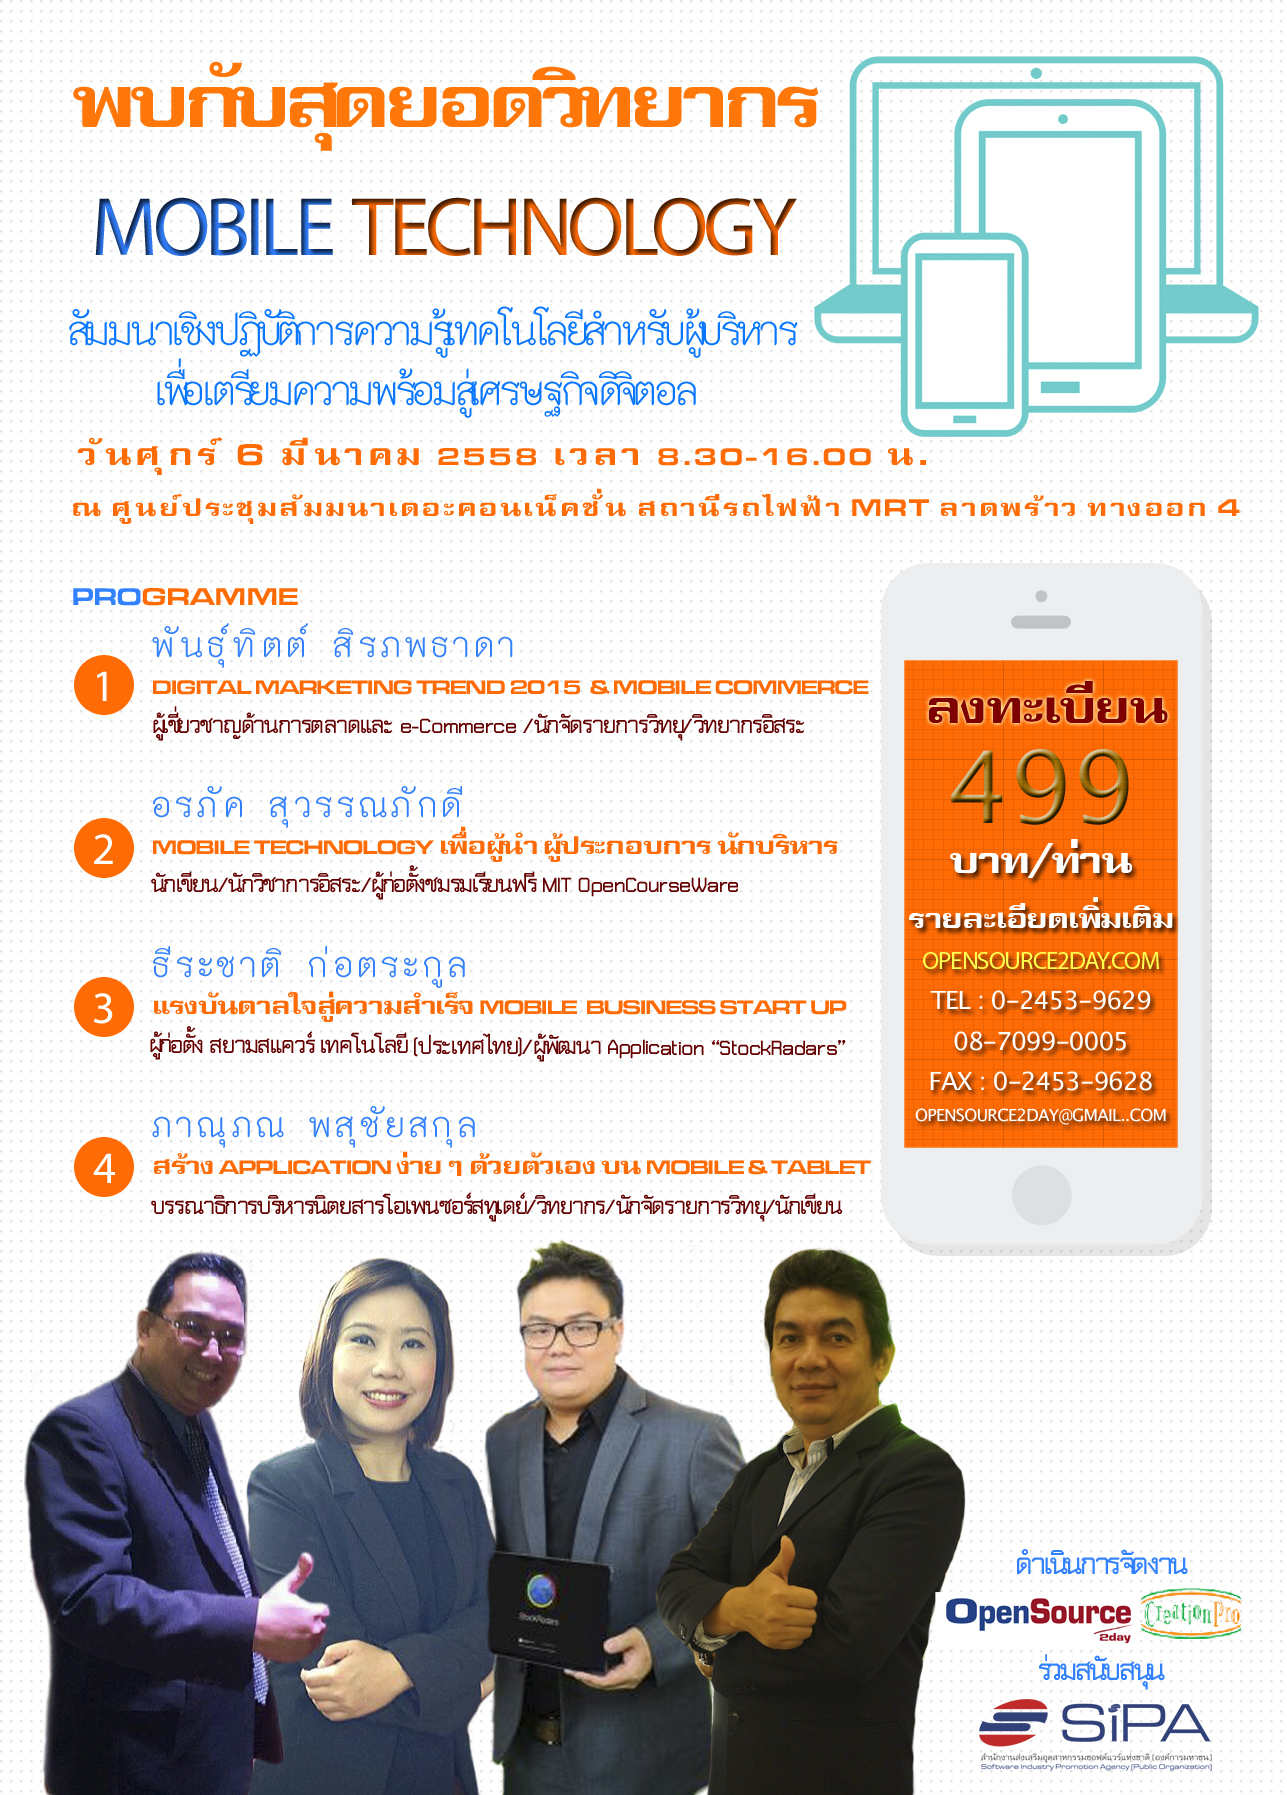 เปิดลงทะเบียนสัมมนา เรื่อง Mobile Technology วันที่ 6 มีนาคม 2558 เพียงท่านละ 499 บาทเท่านั้น